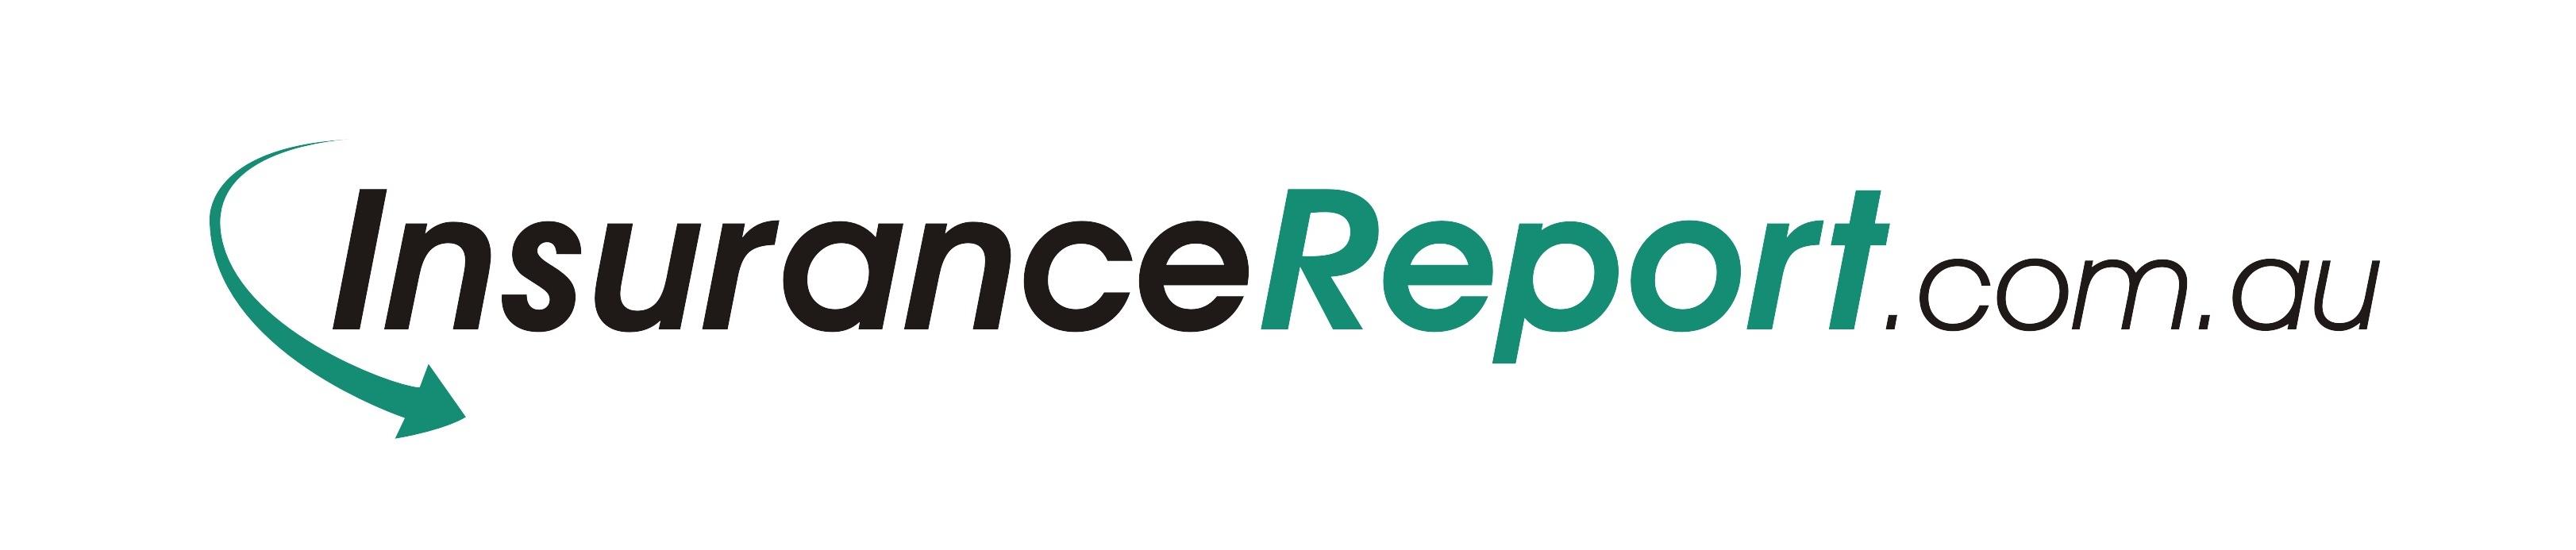 InsuranceReport.com.au